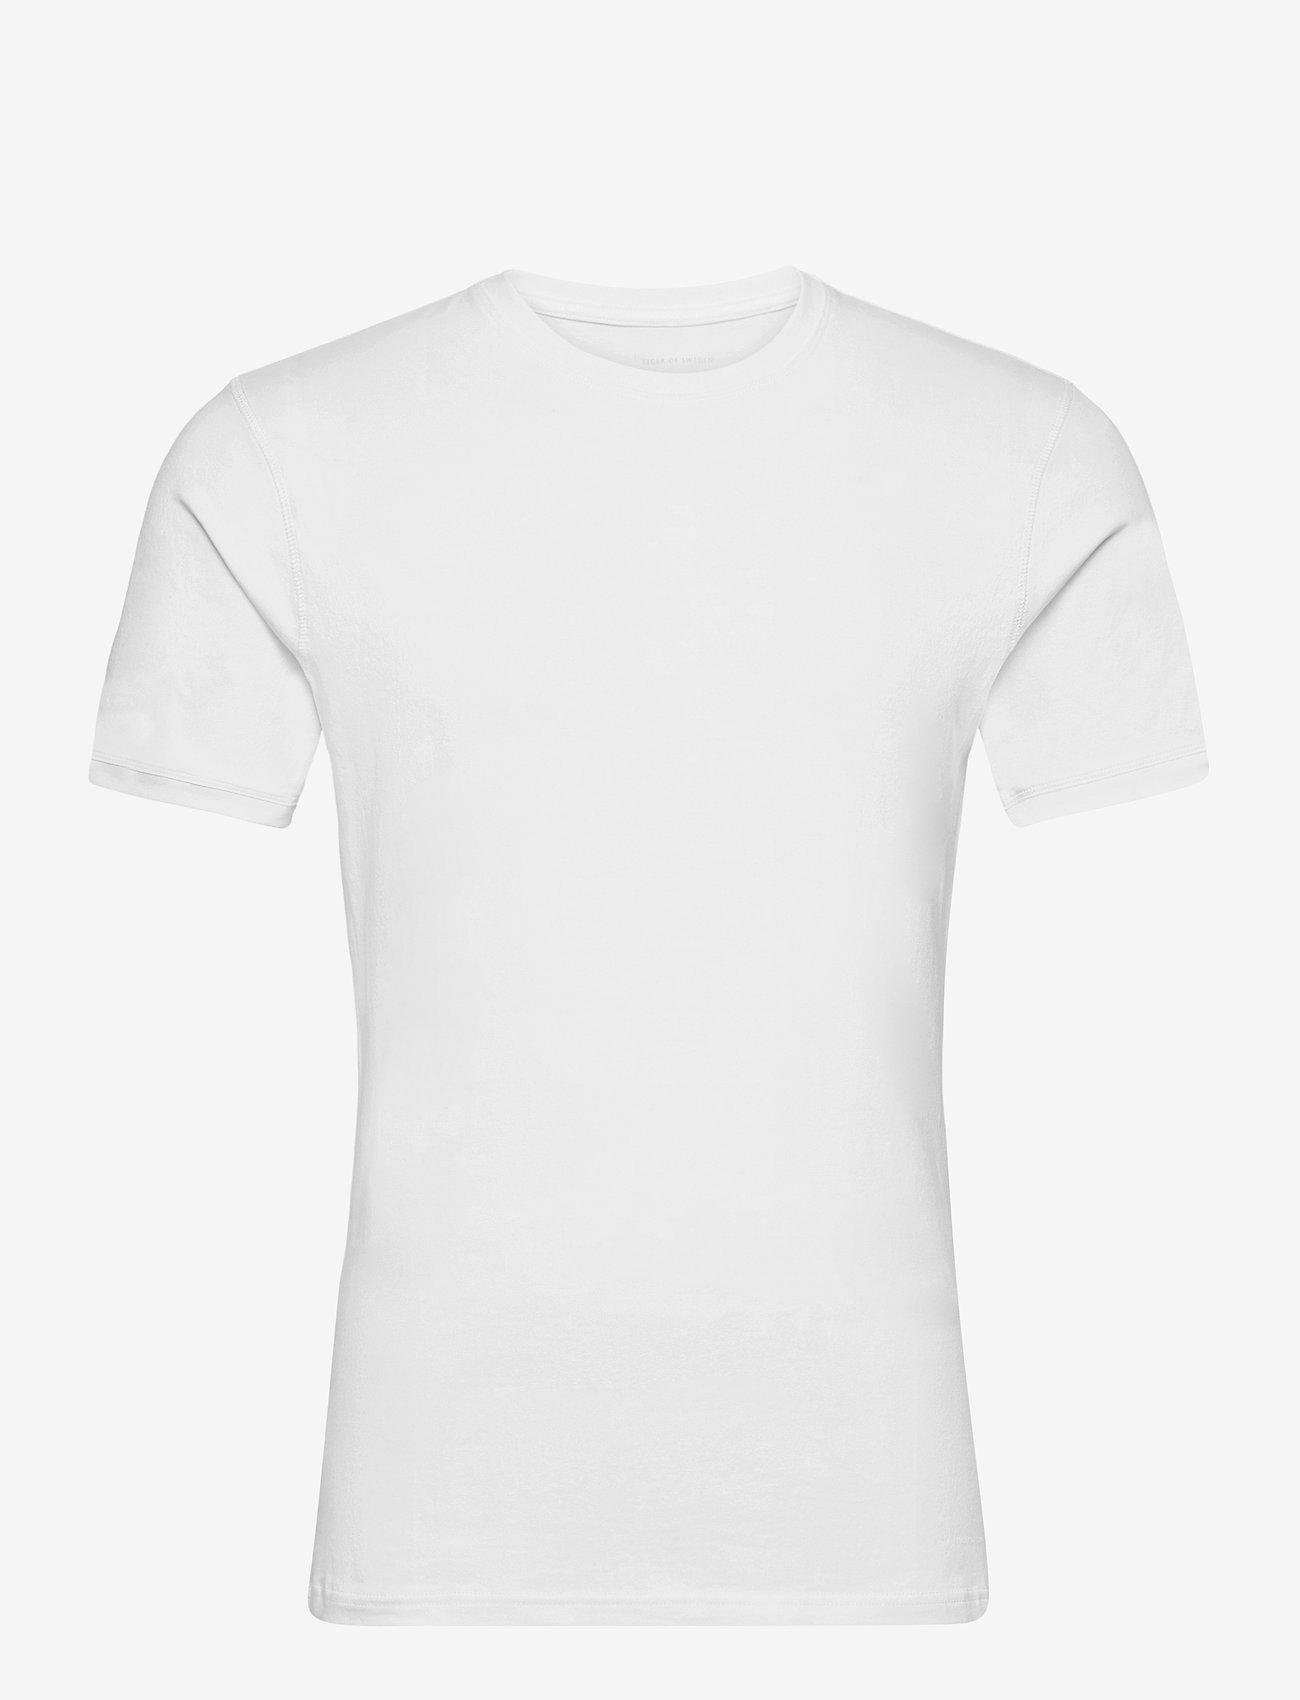 Tiger of Sweden - HEIMDALL - kortermede t-skjorter - pure white - 0